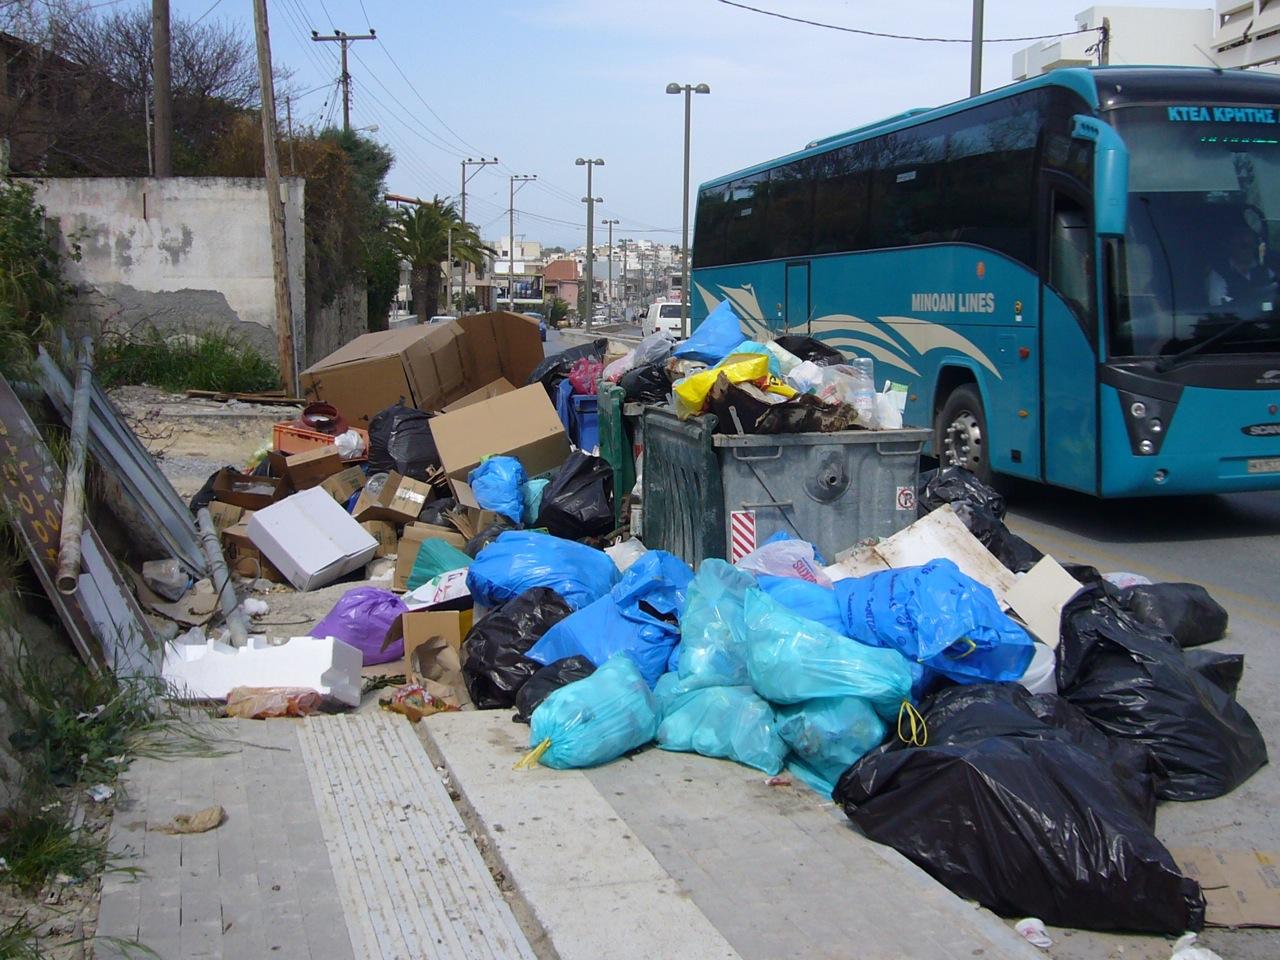 Knossou dump 2008-03-19-2.jpg